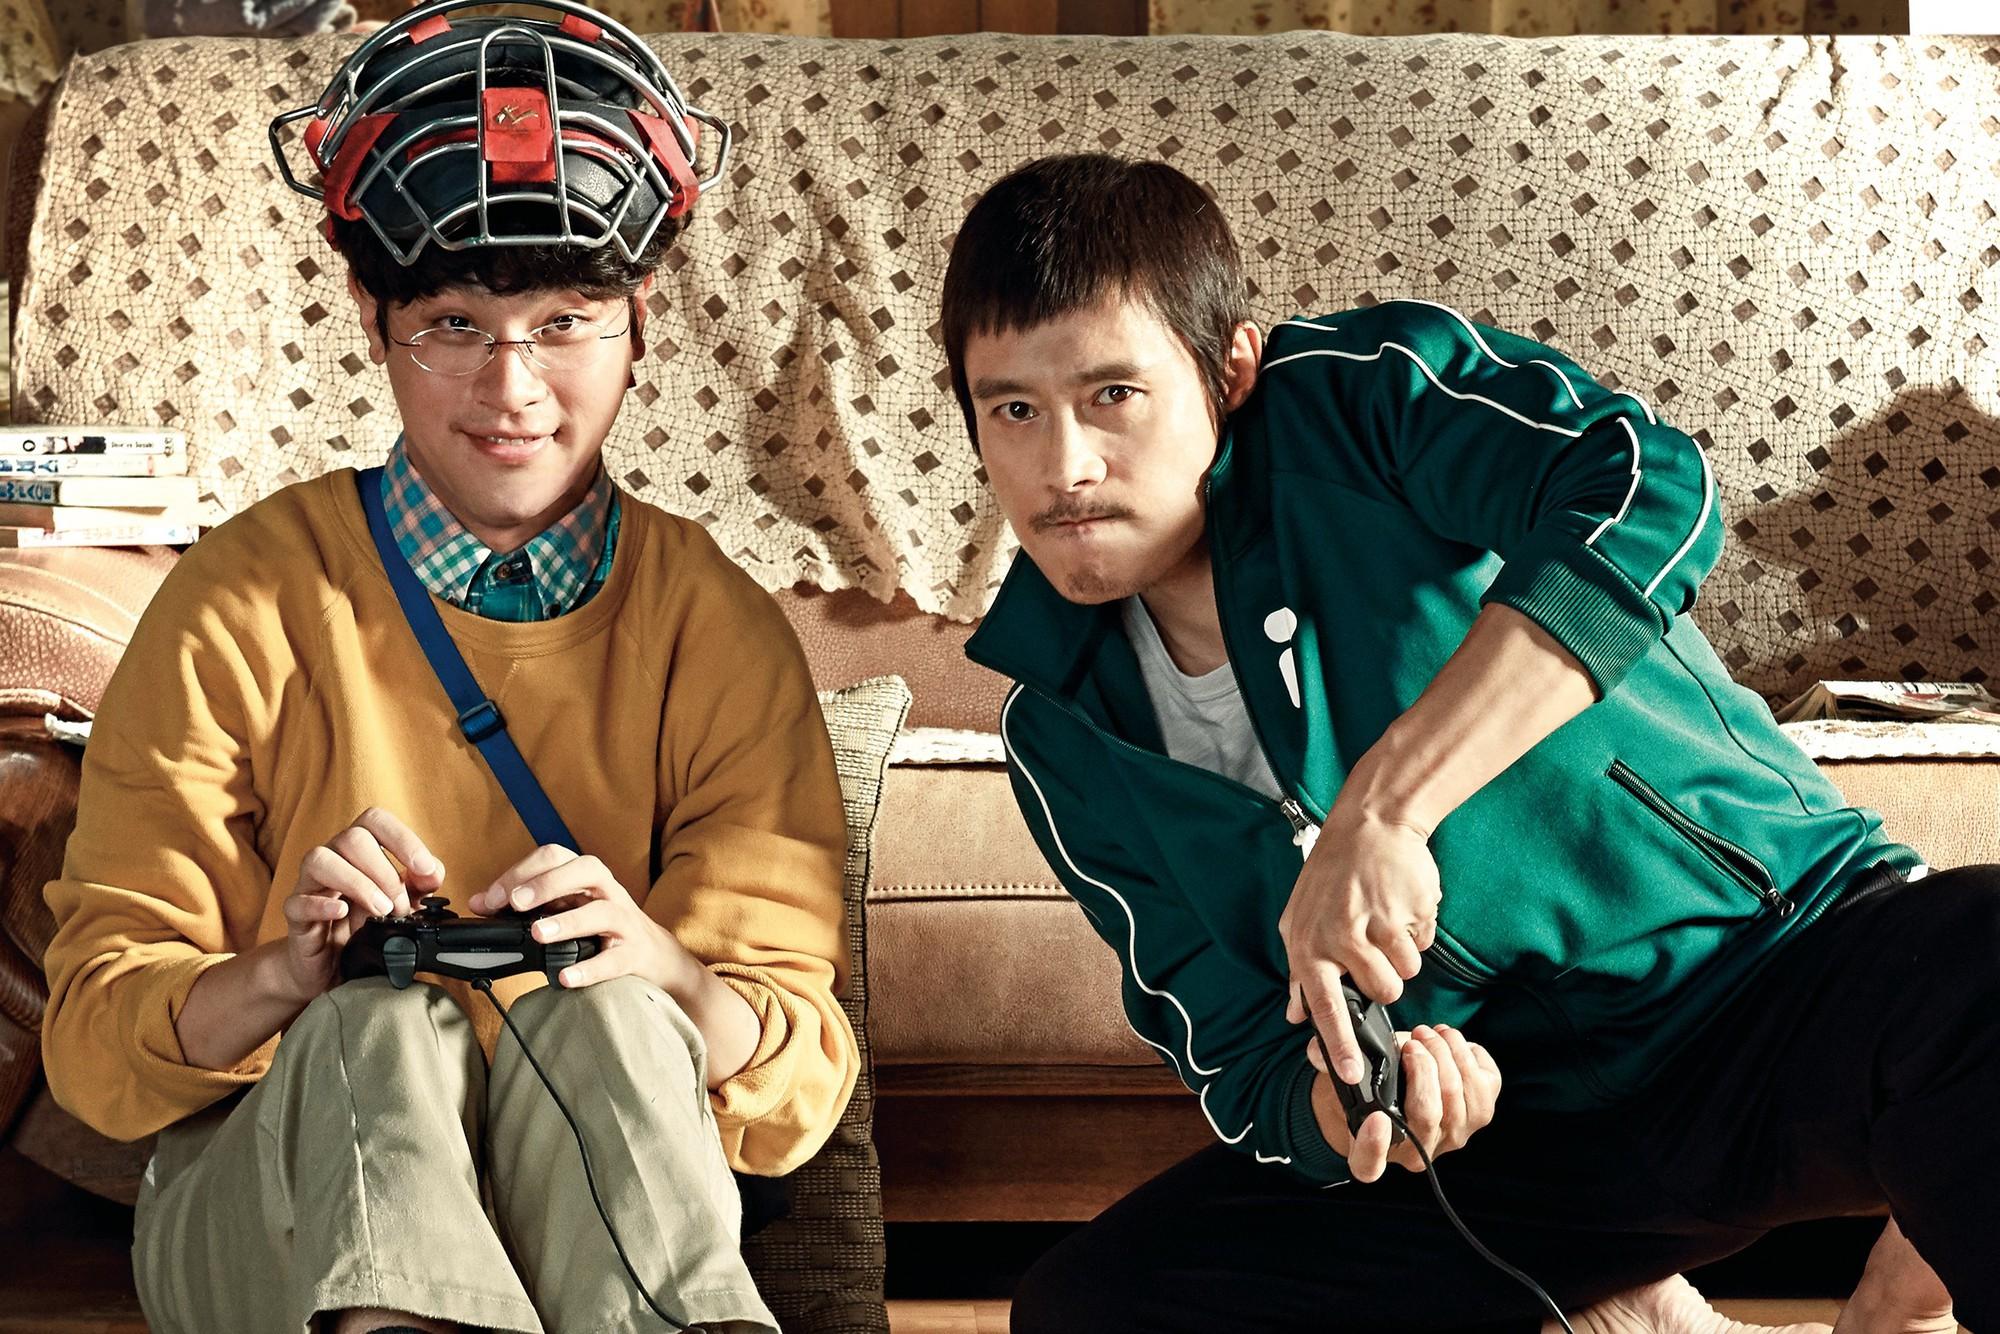 Xin Chào, Cậu Em Khác Người! - Khóc ngon lành vì mẹ con Lee Byung Hun - Ảnh 5.